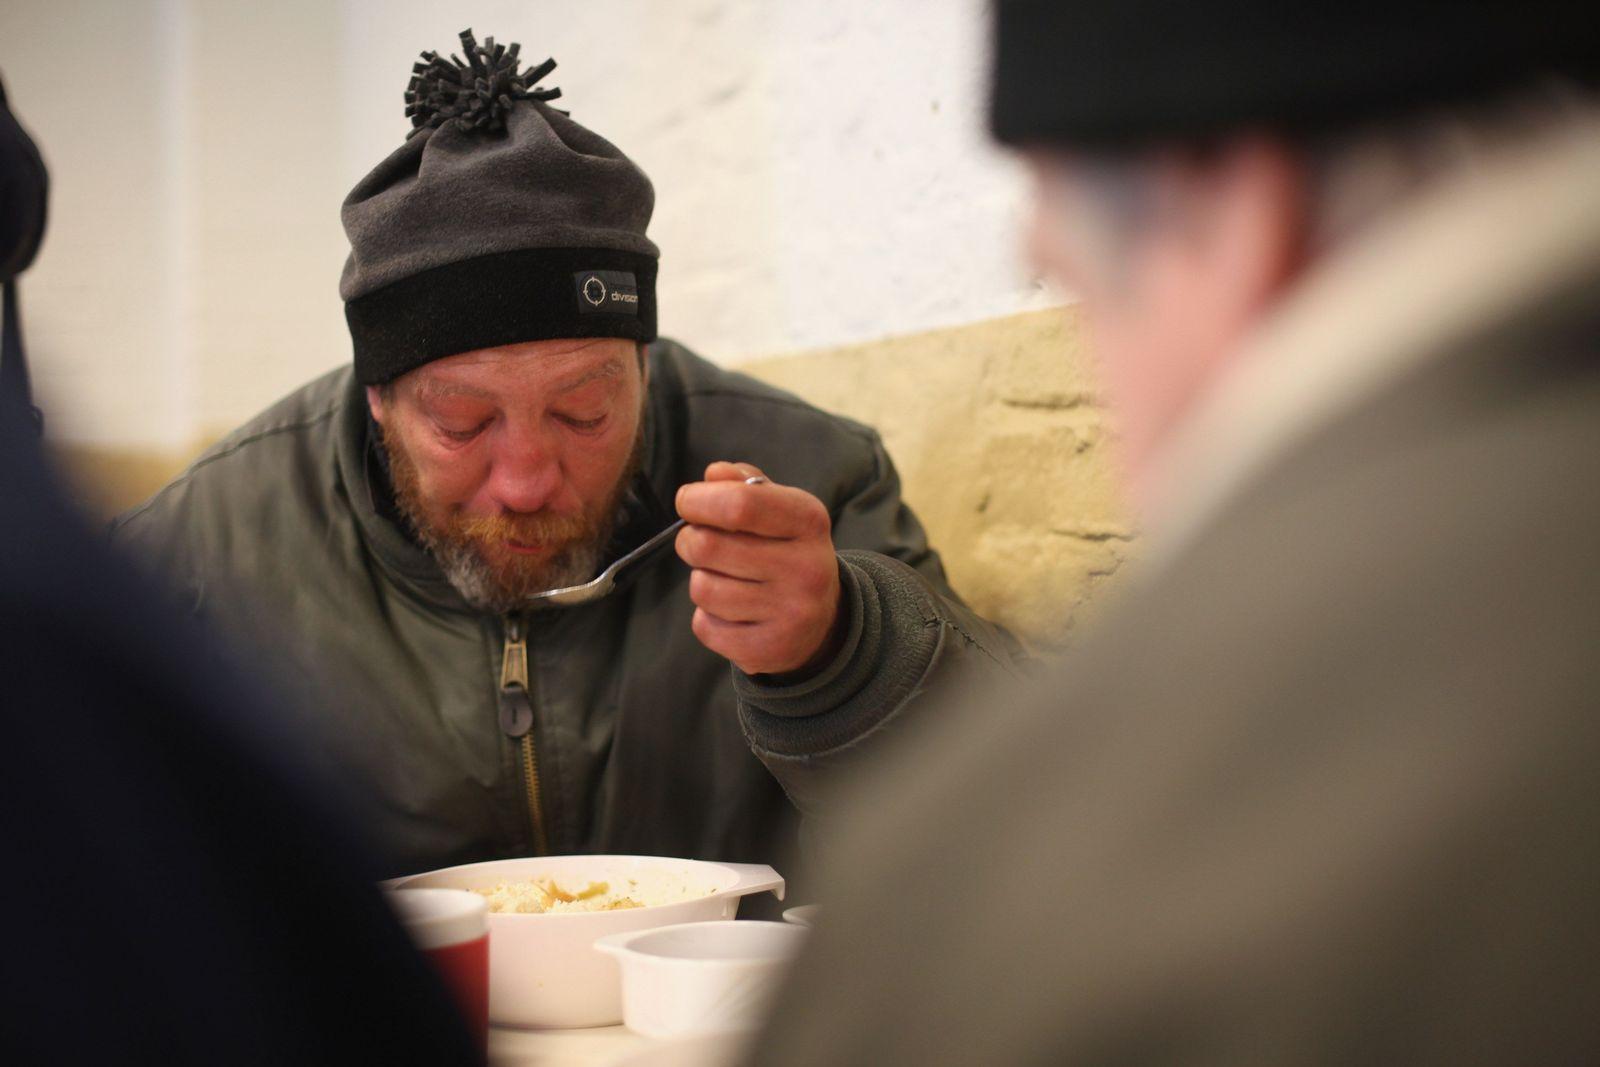 Armut / Obdachlosigkeit